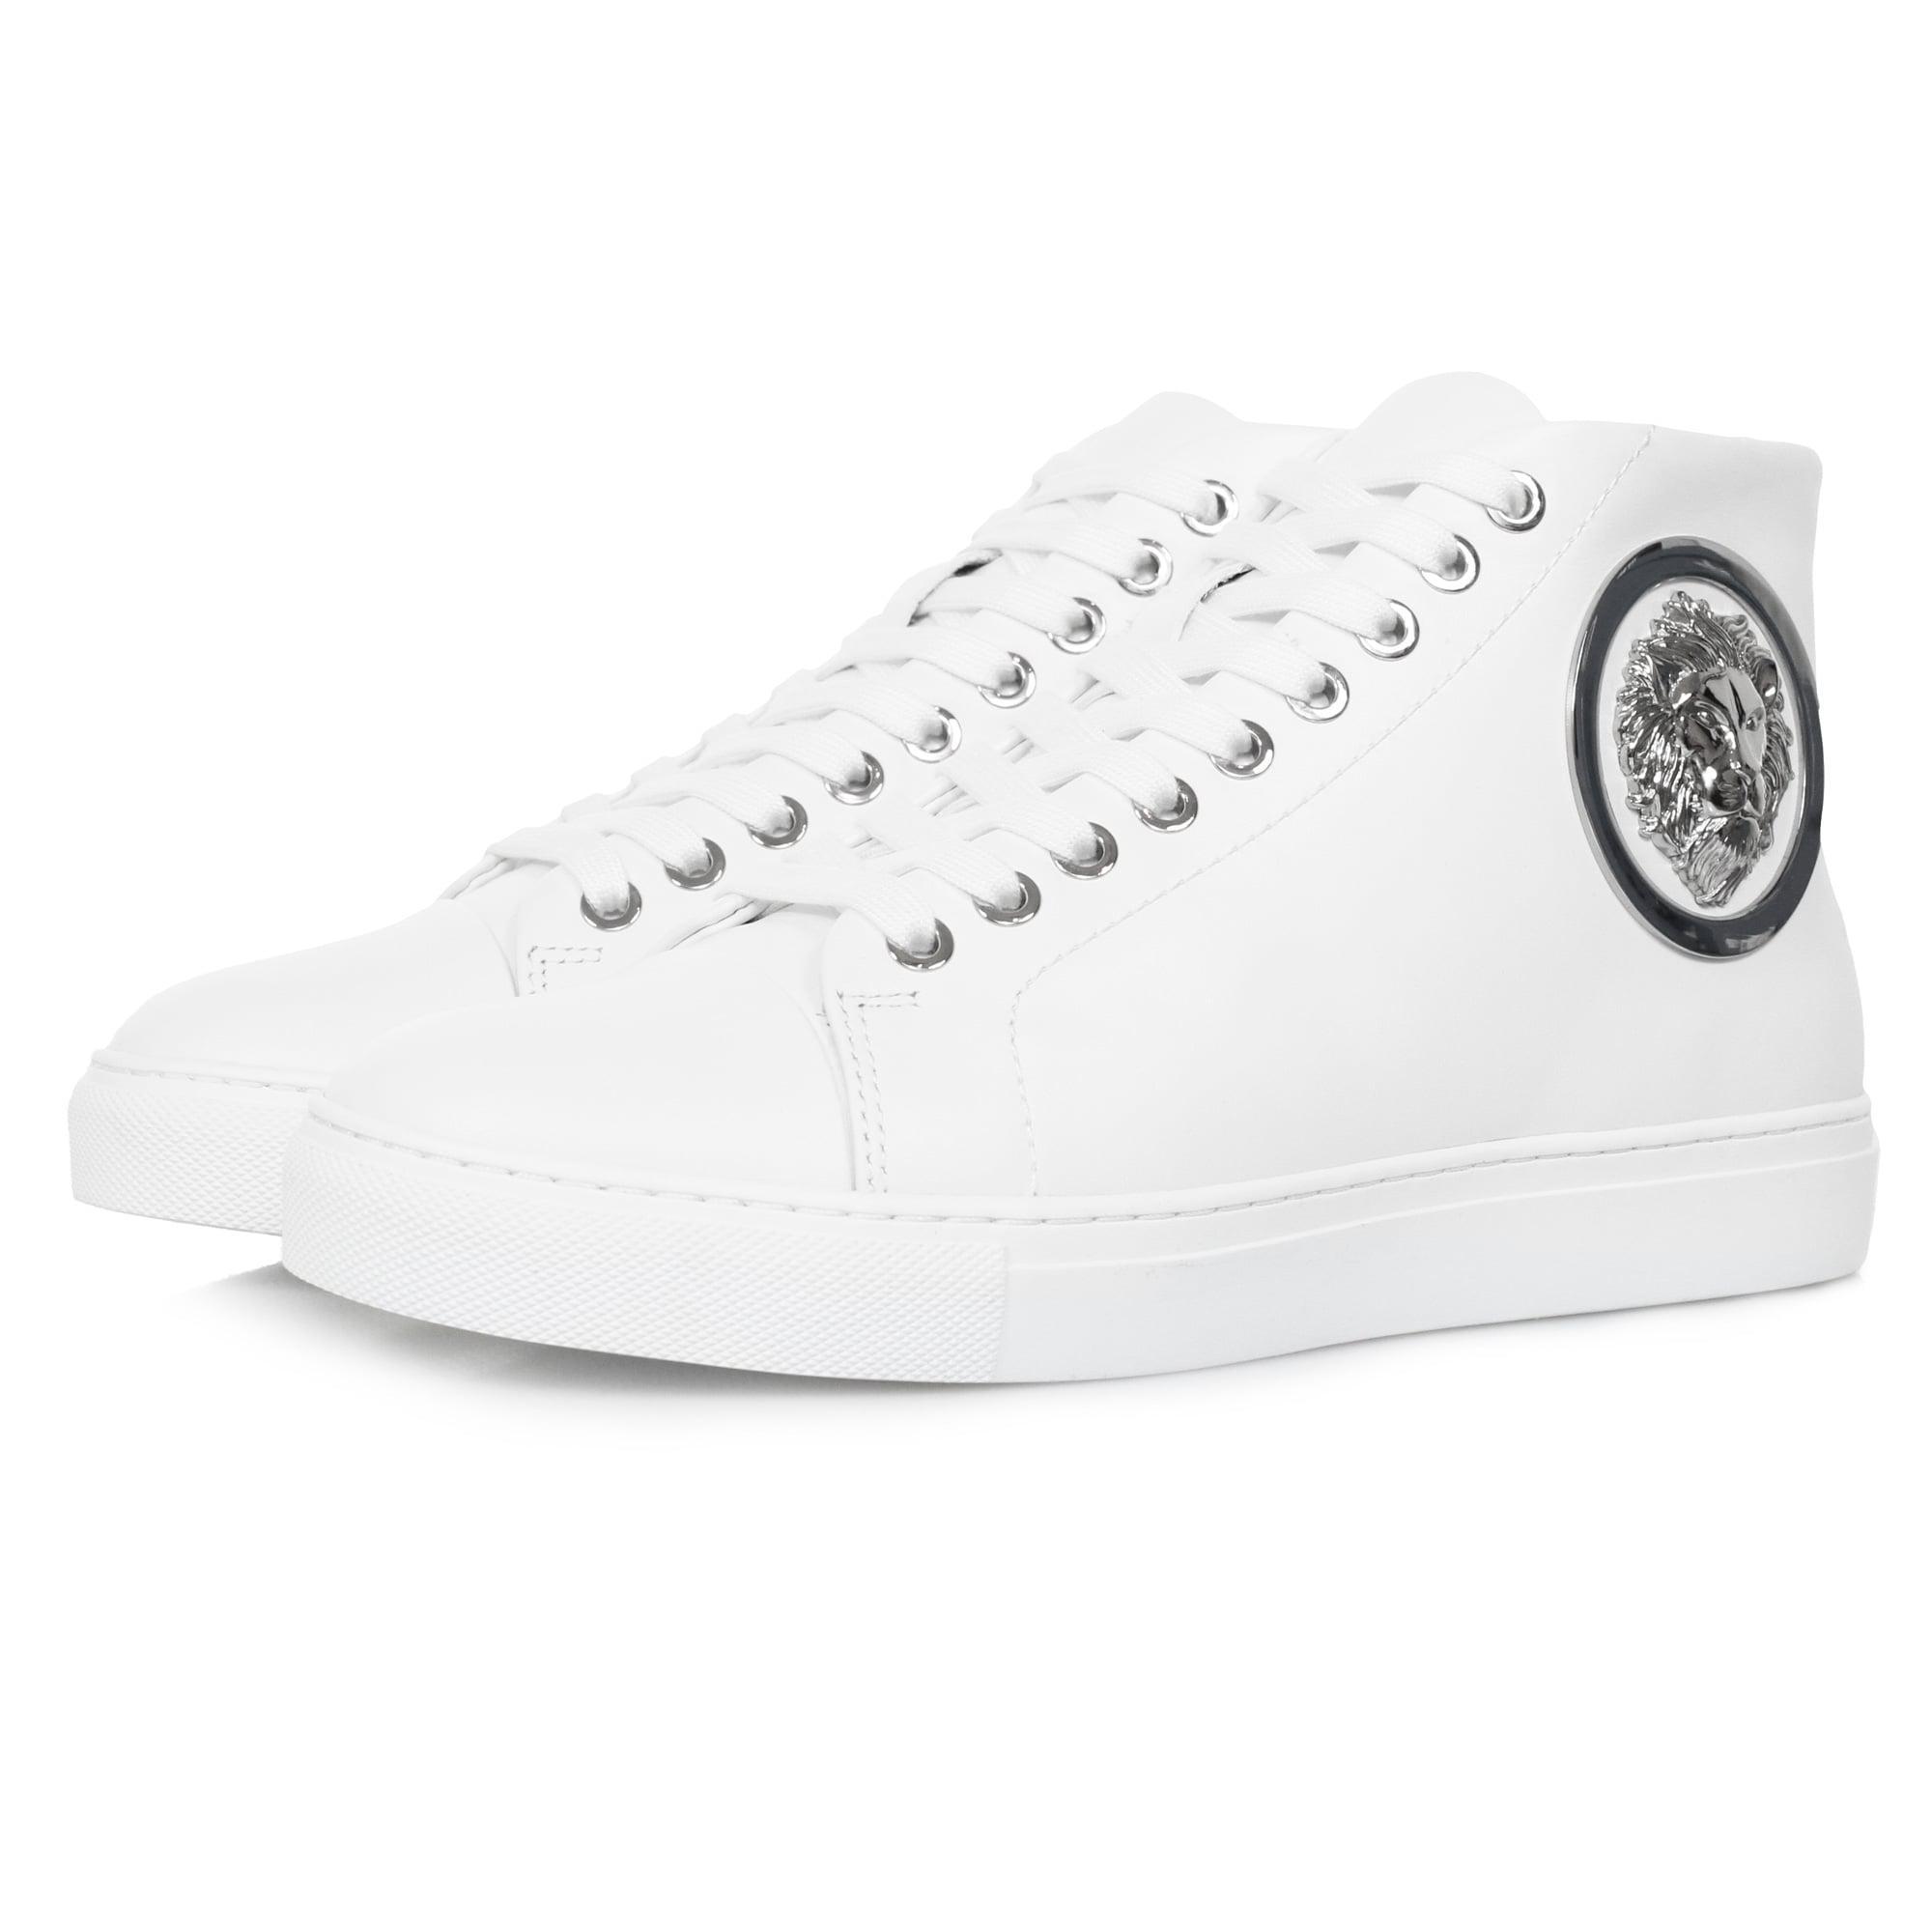 Versace Lion Head Hi Top White Shoe